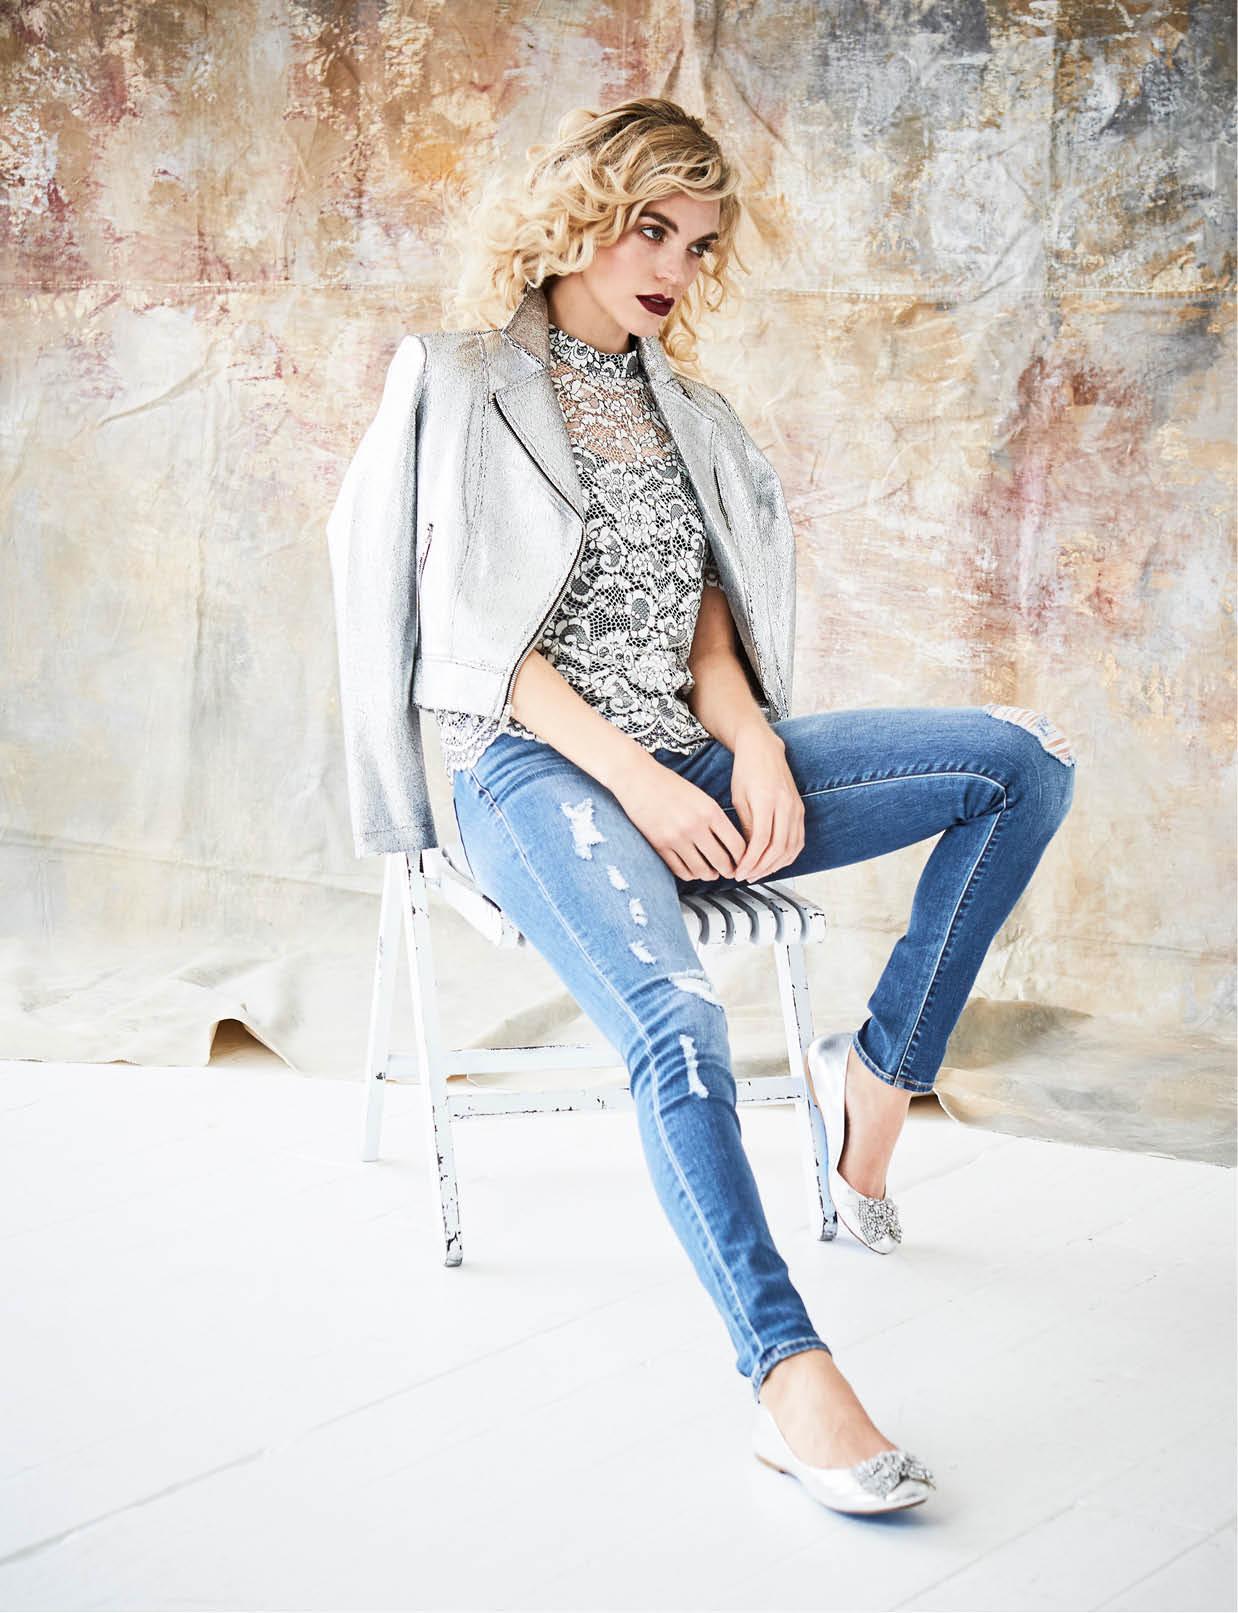 Trina Turk lace blouse, $228, Belk. In Awe metallic jacket, $79, Macy's. Calvin Klein jeans, $89.50, Belk. Kate Spade earrings, $38, Belk. Betsy Johnson flats, $99, Belk.